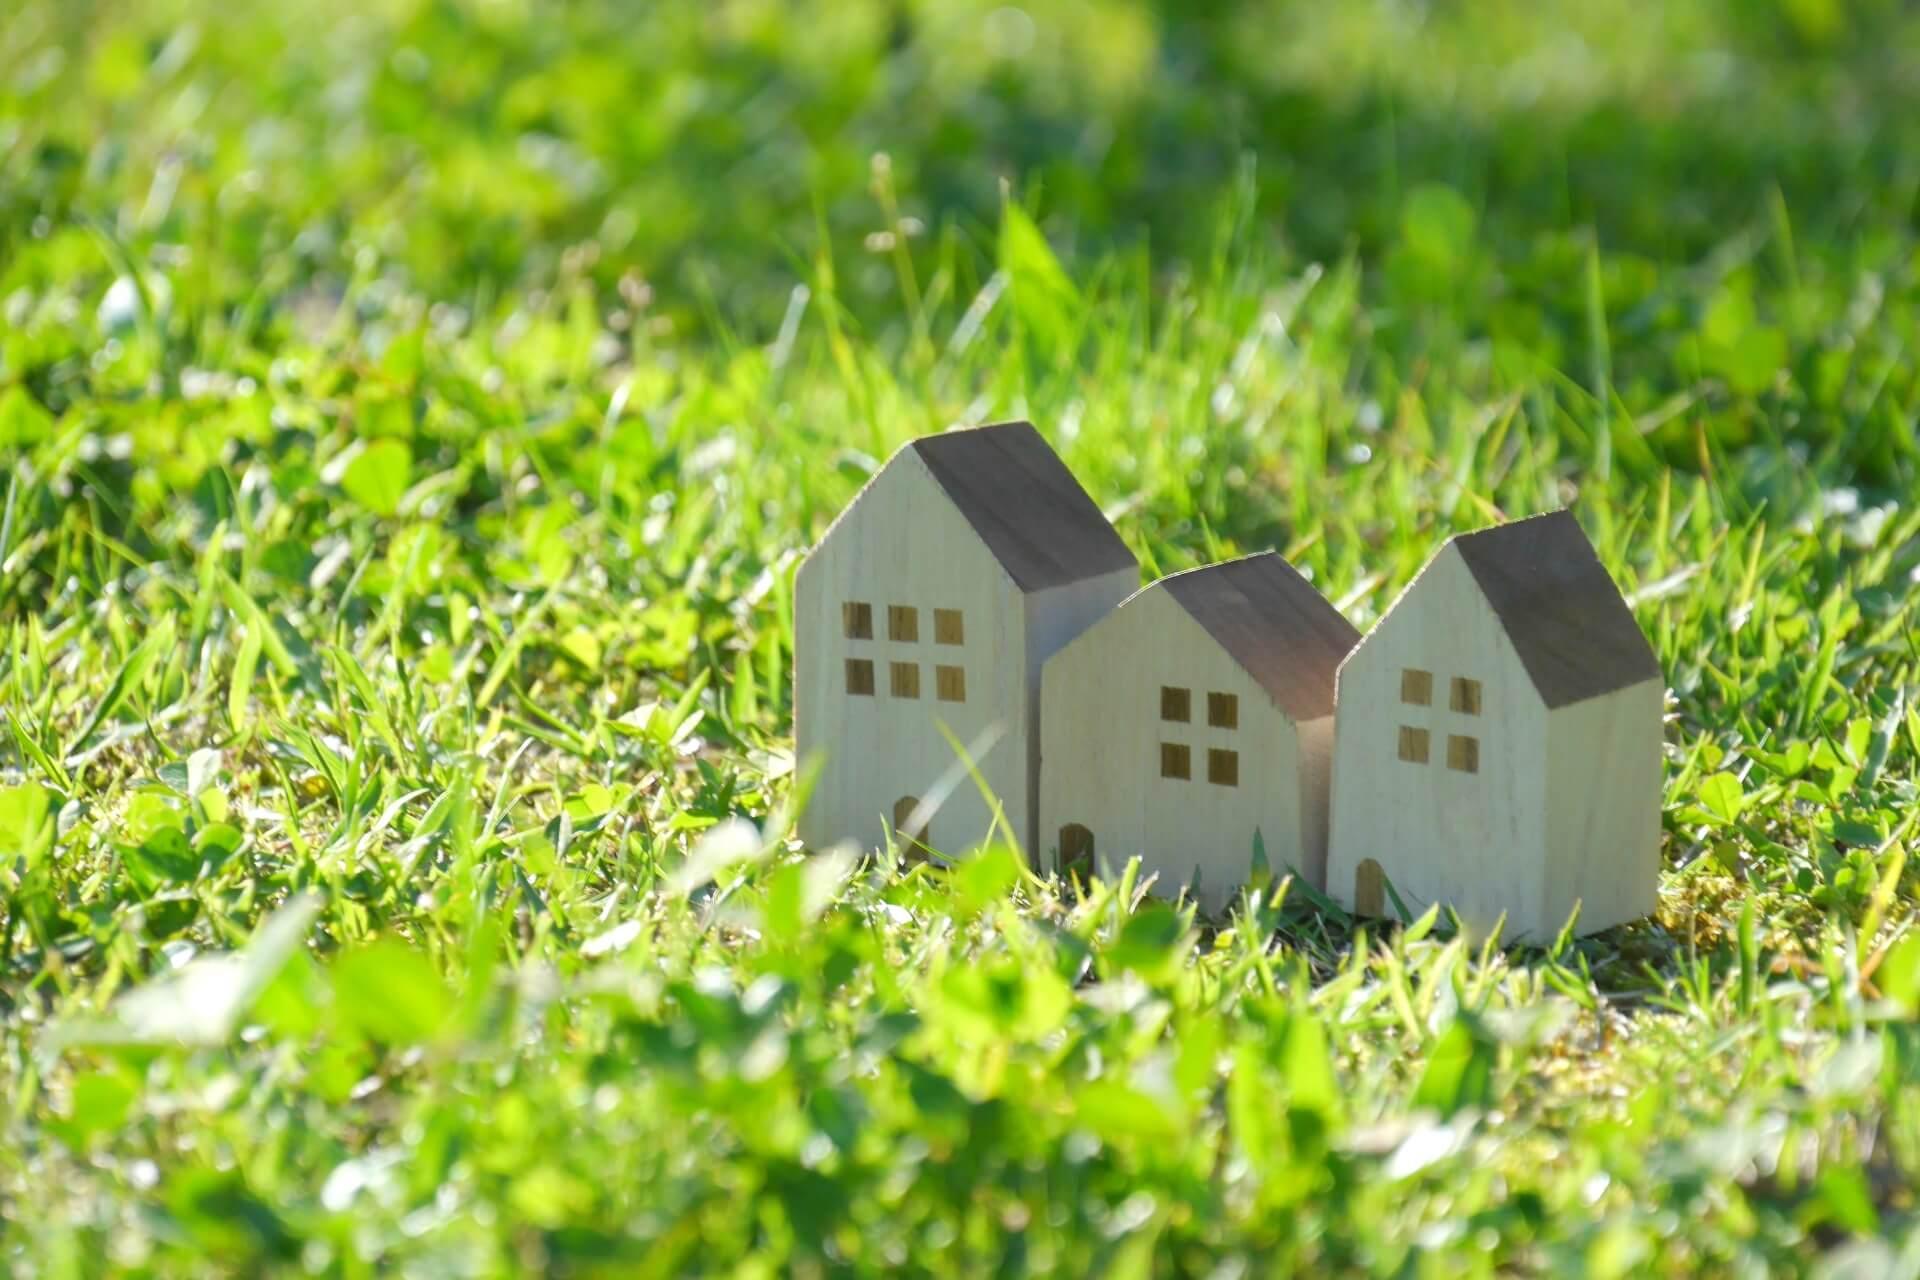 住宅を建築できる地目は4種類に限定される